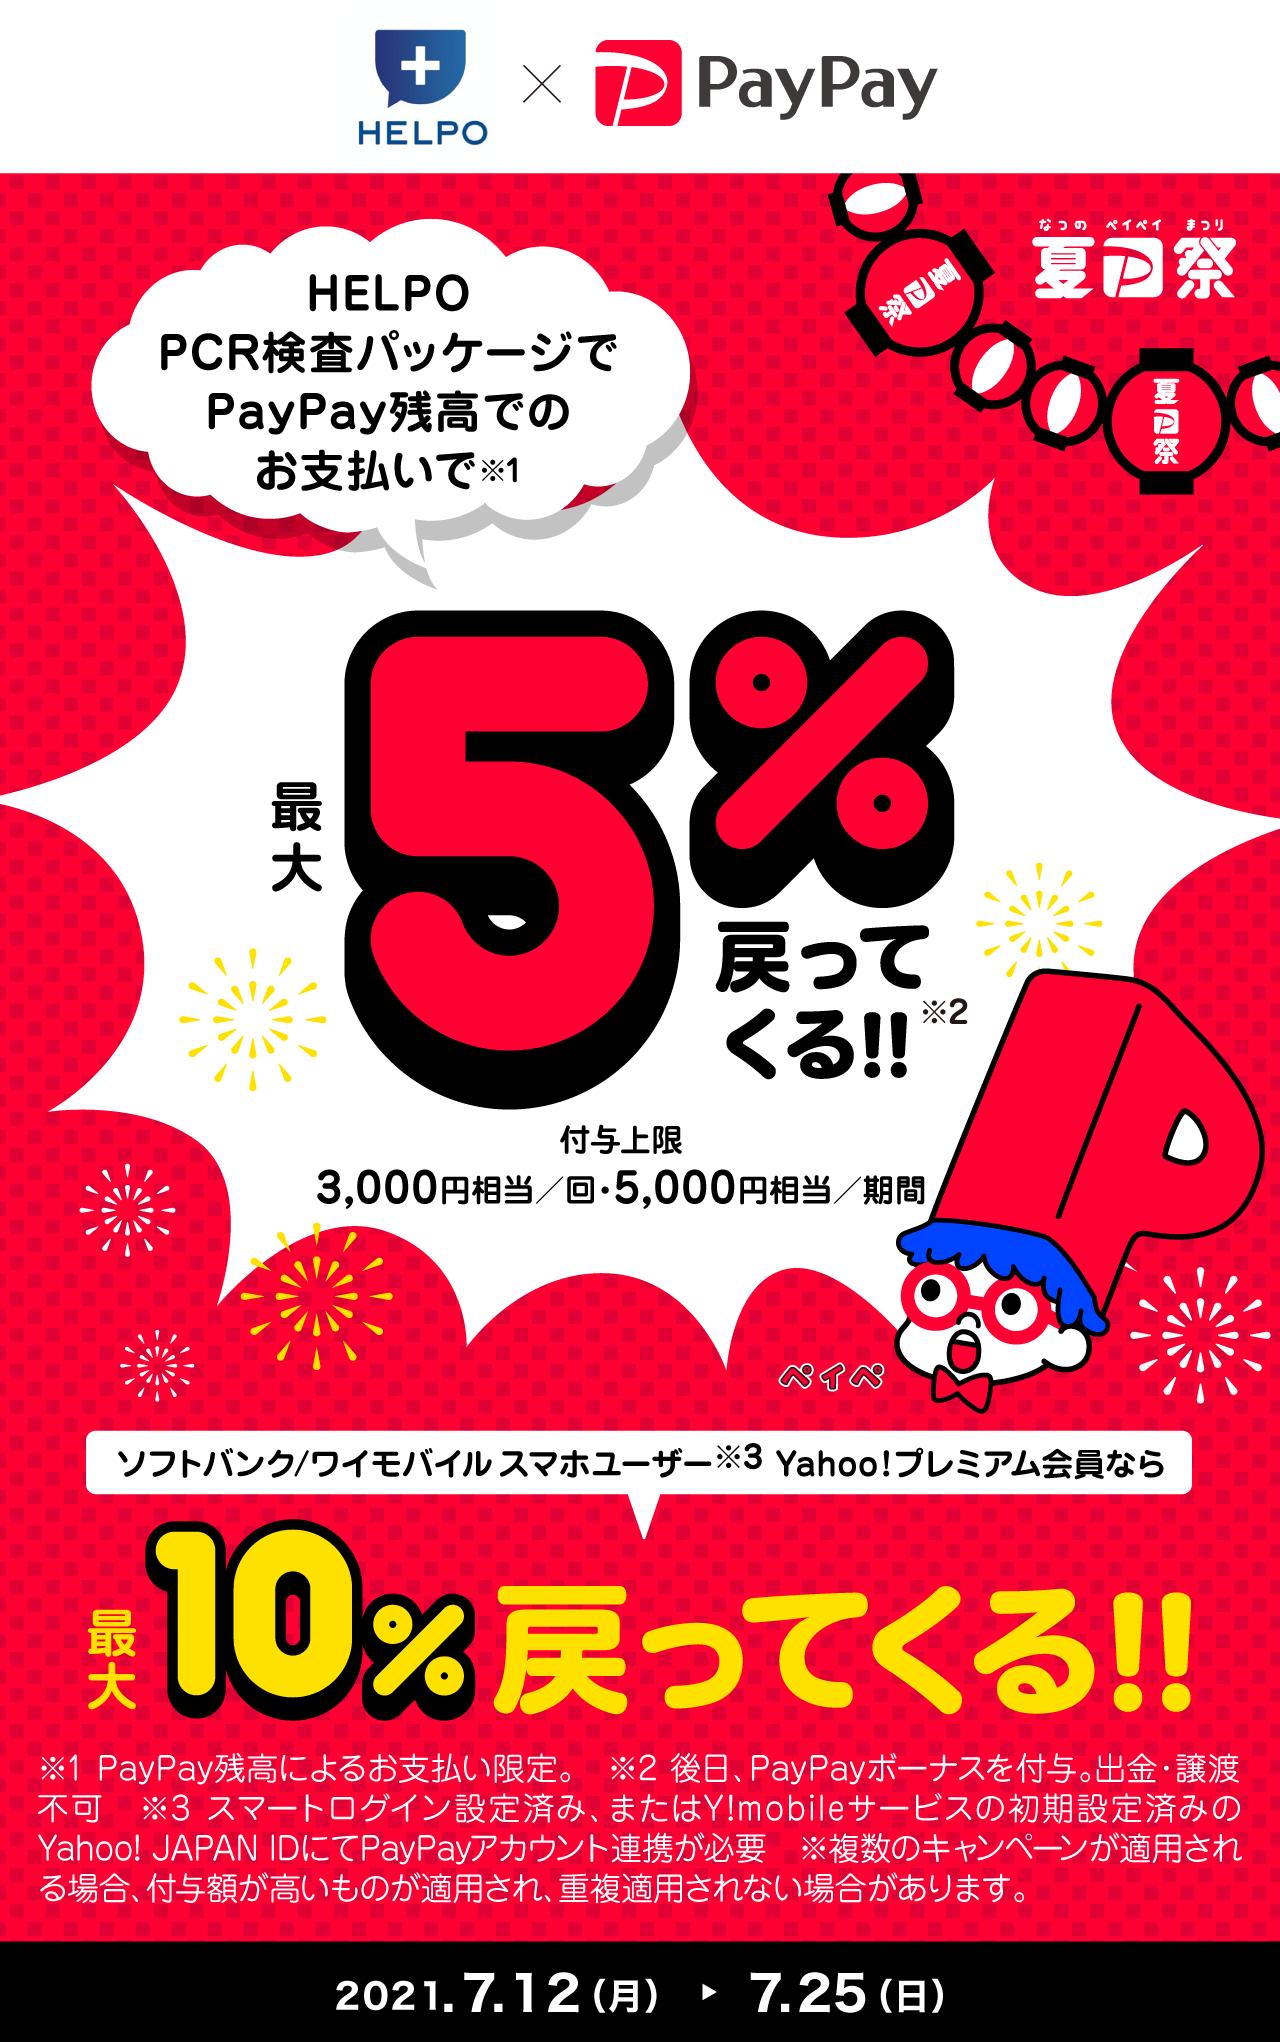 HELPO PCR検査パッケージでPayPay残高でのお支払いで 最大5%戻ってくる!!